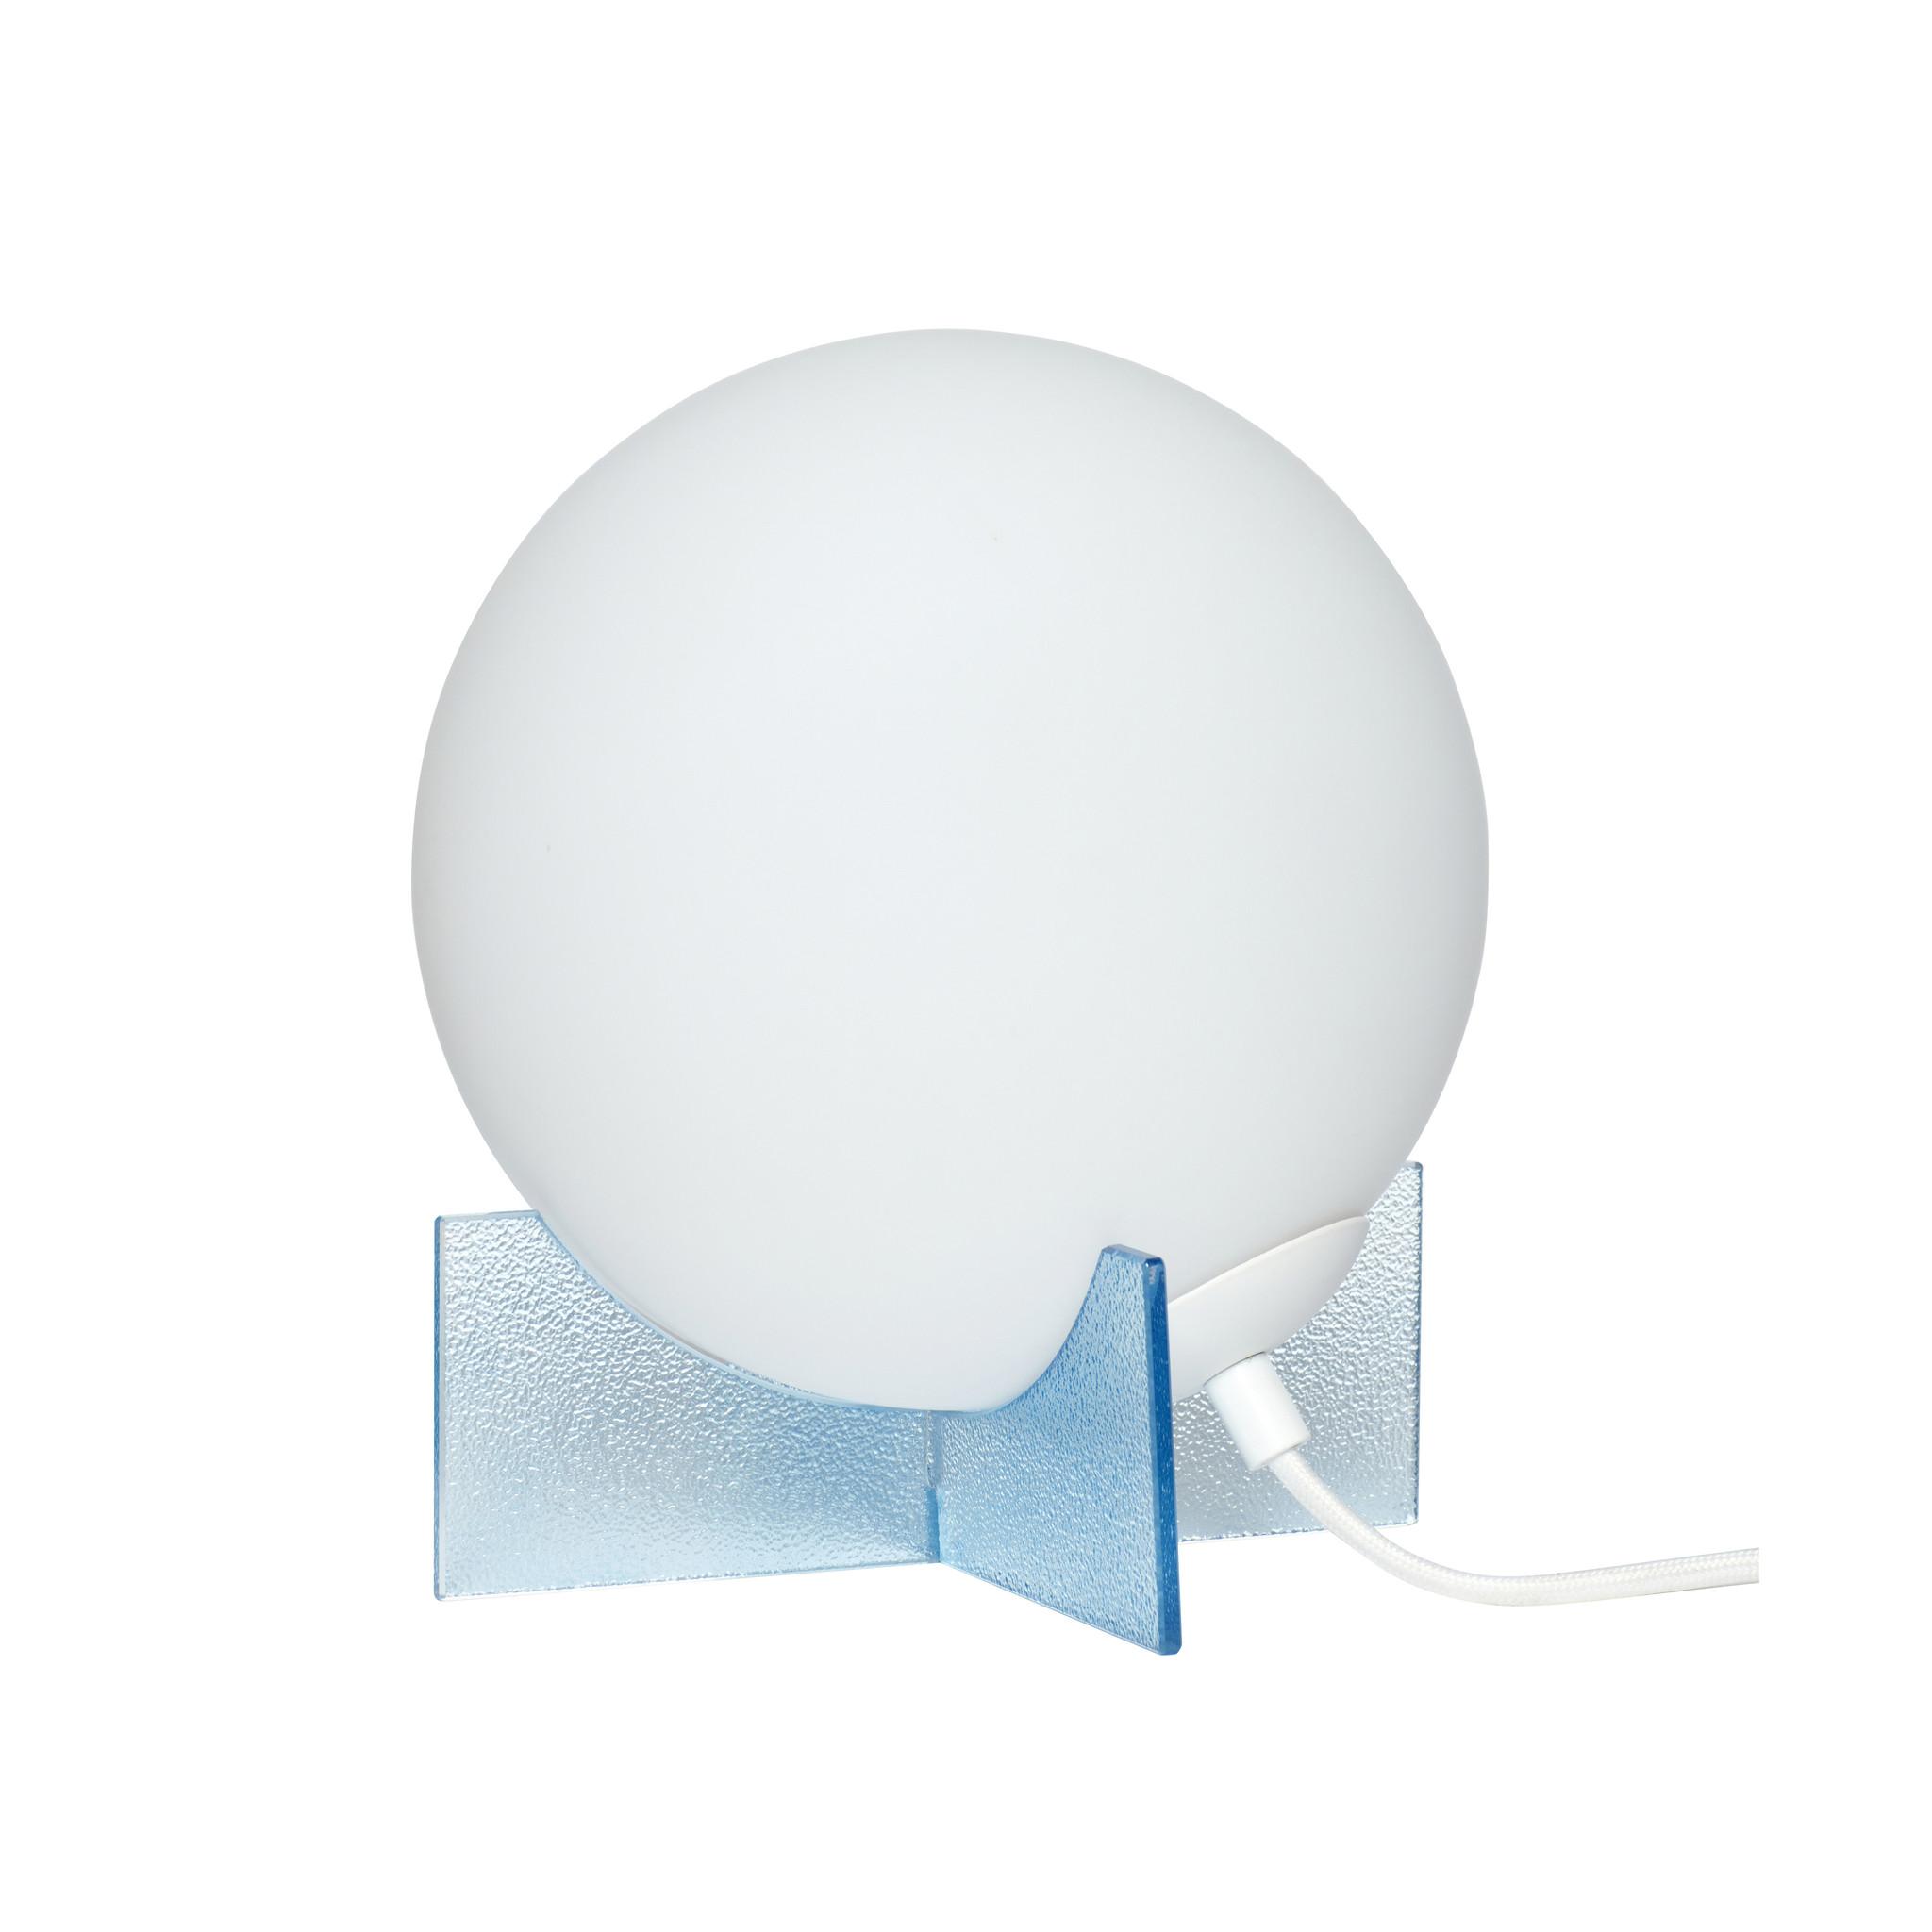 Hubsch Tafellamp glas, blauw